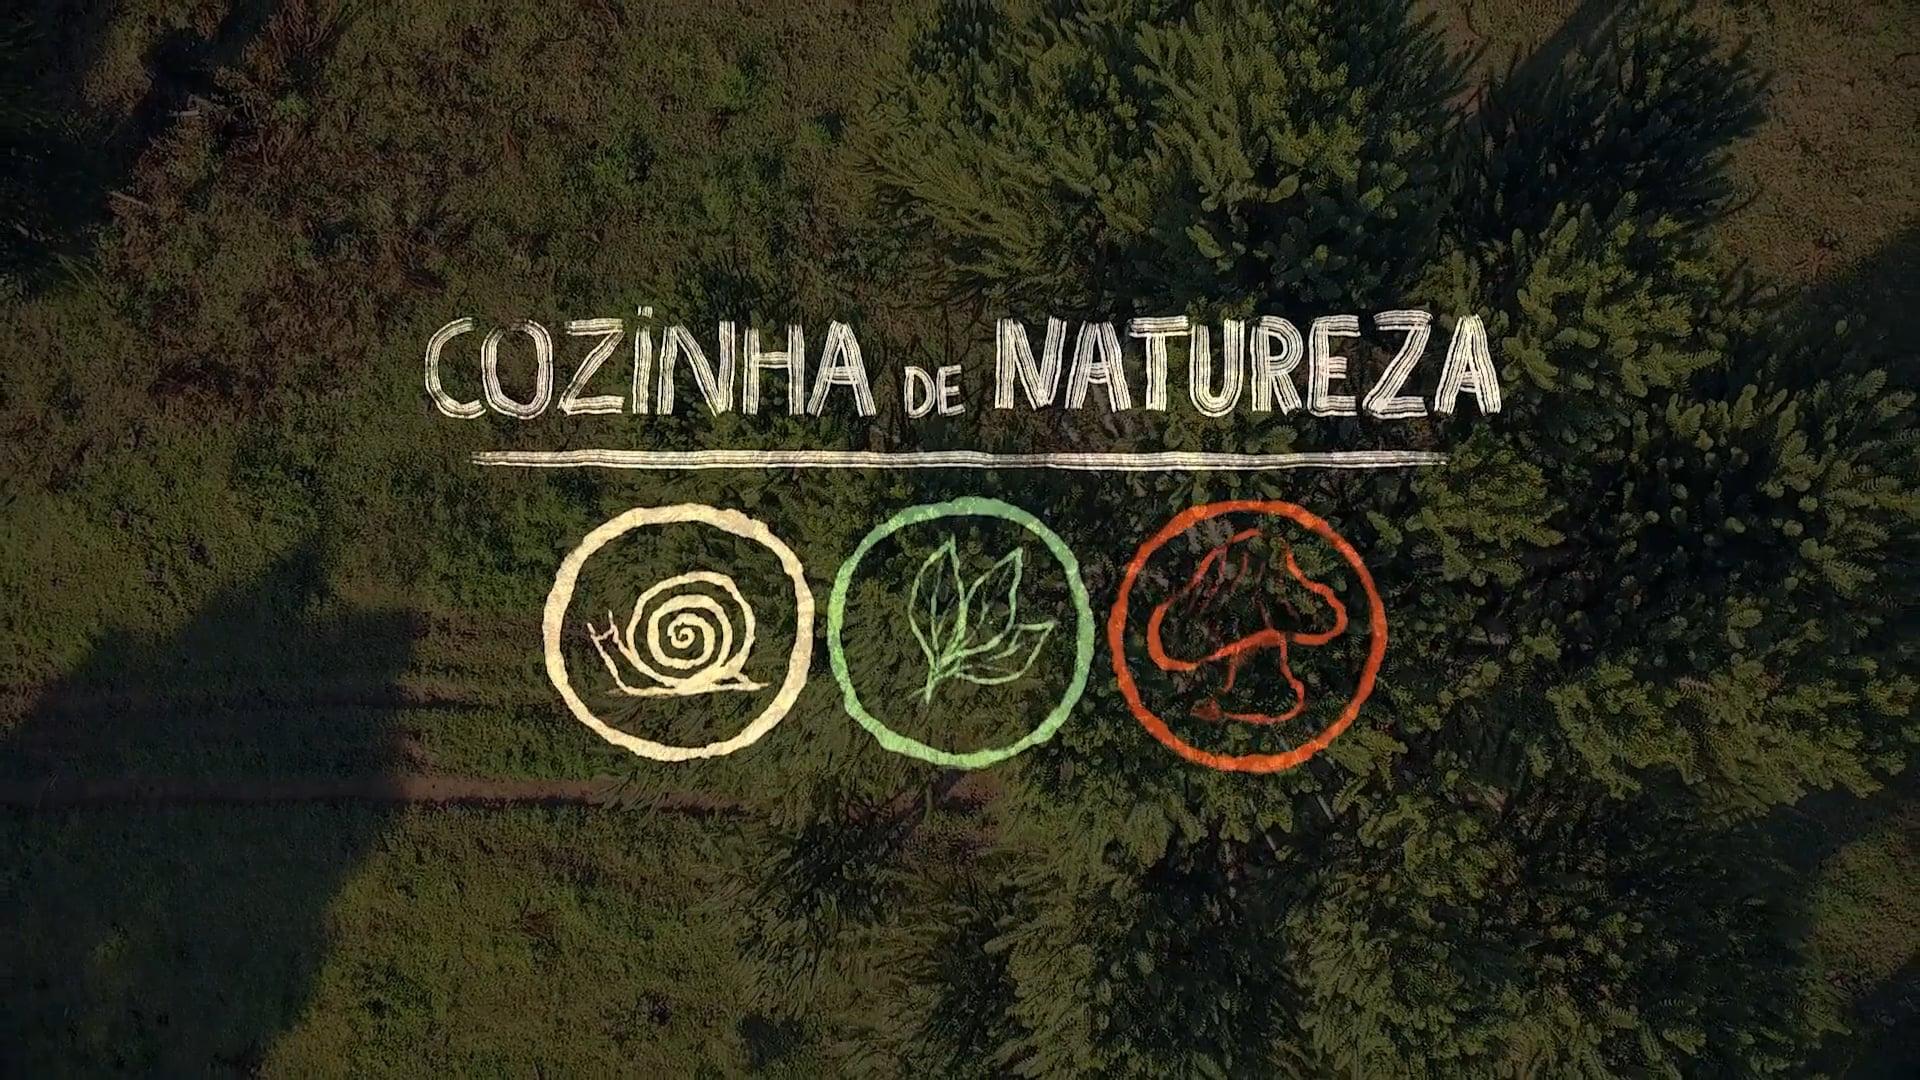 Cozinha de Natureza